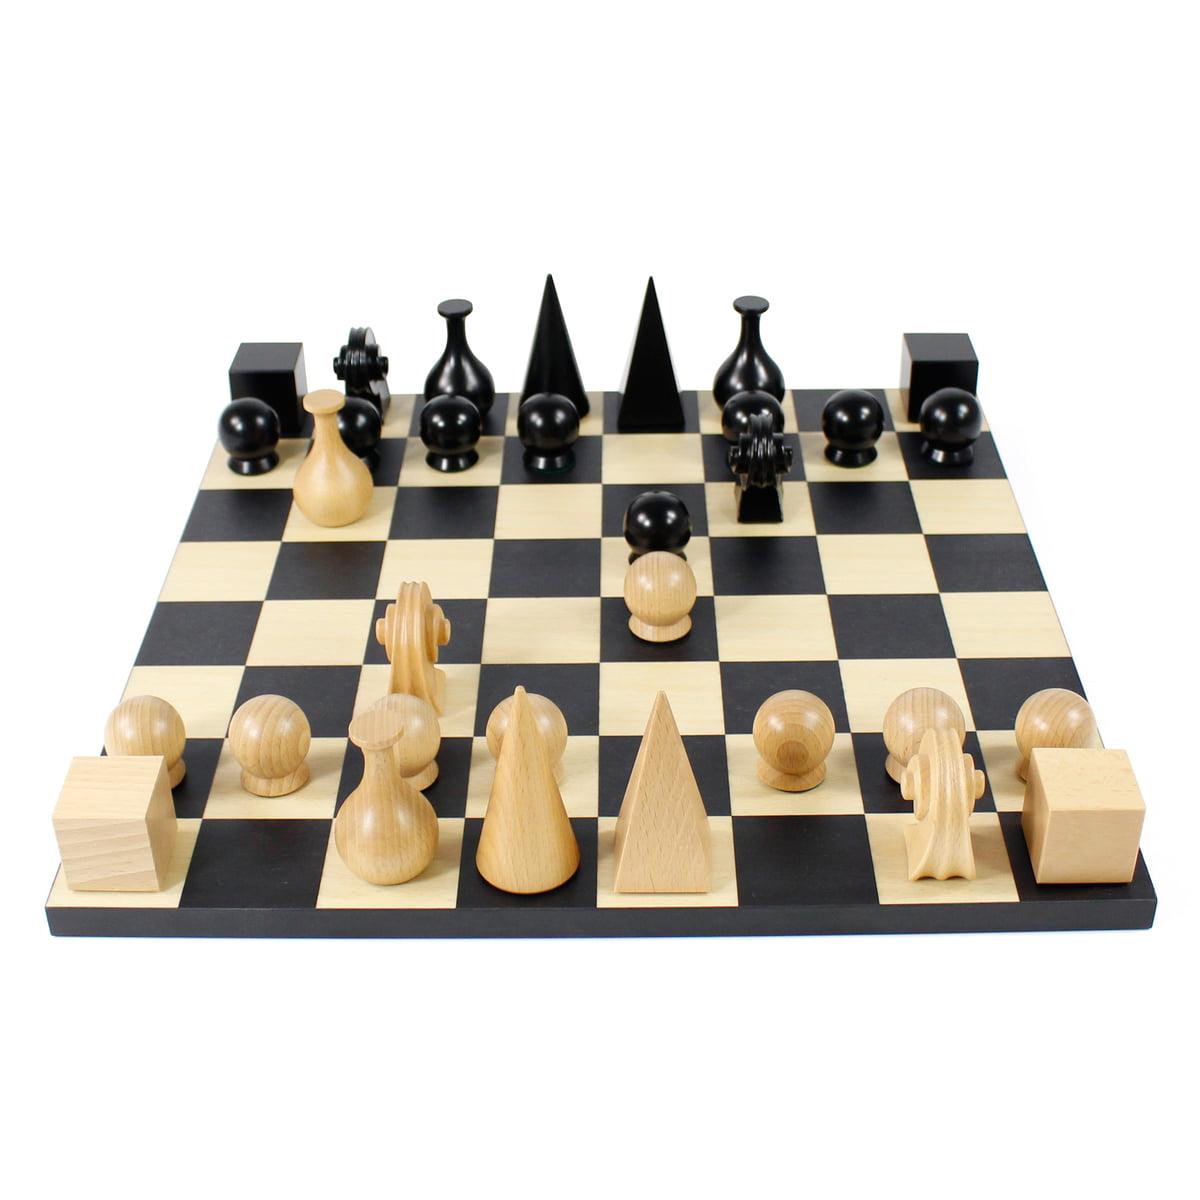 Klein-More-Man-Ray-Schachbrett-und-Figuren-2.jpg